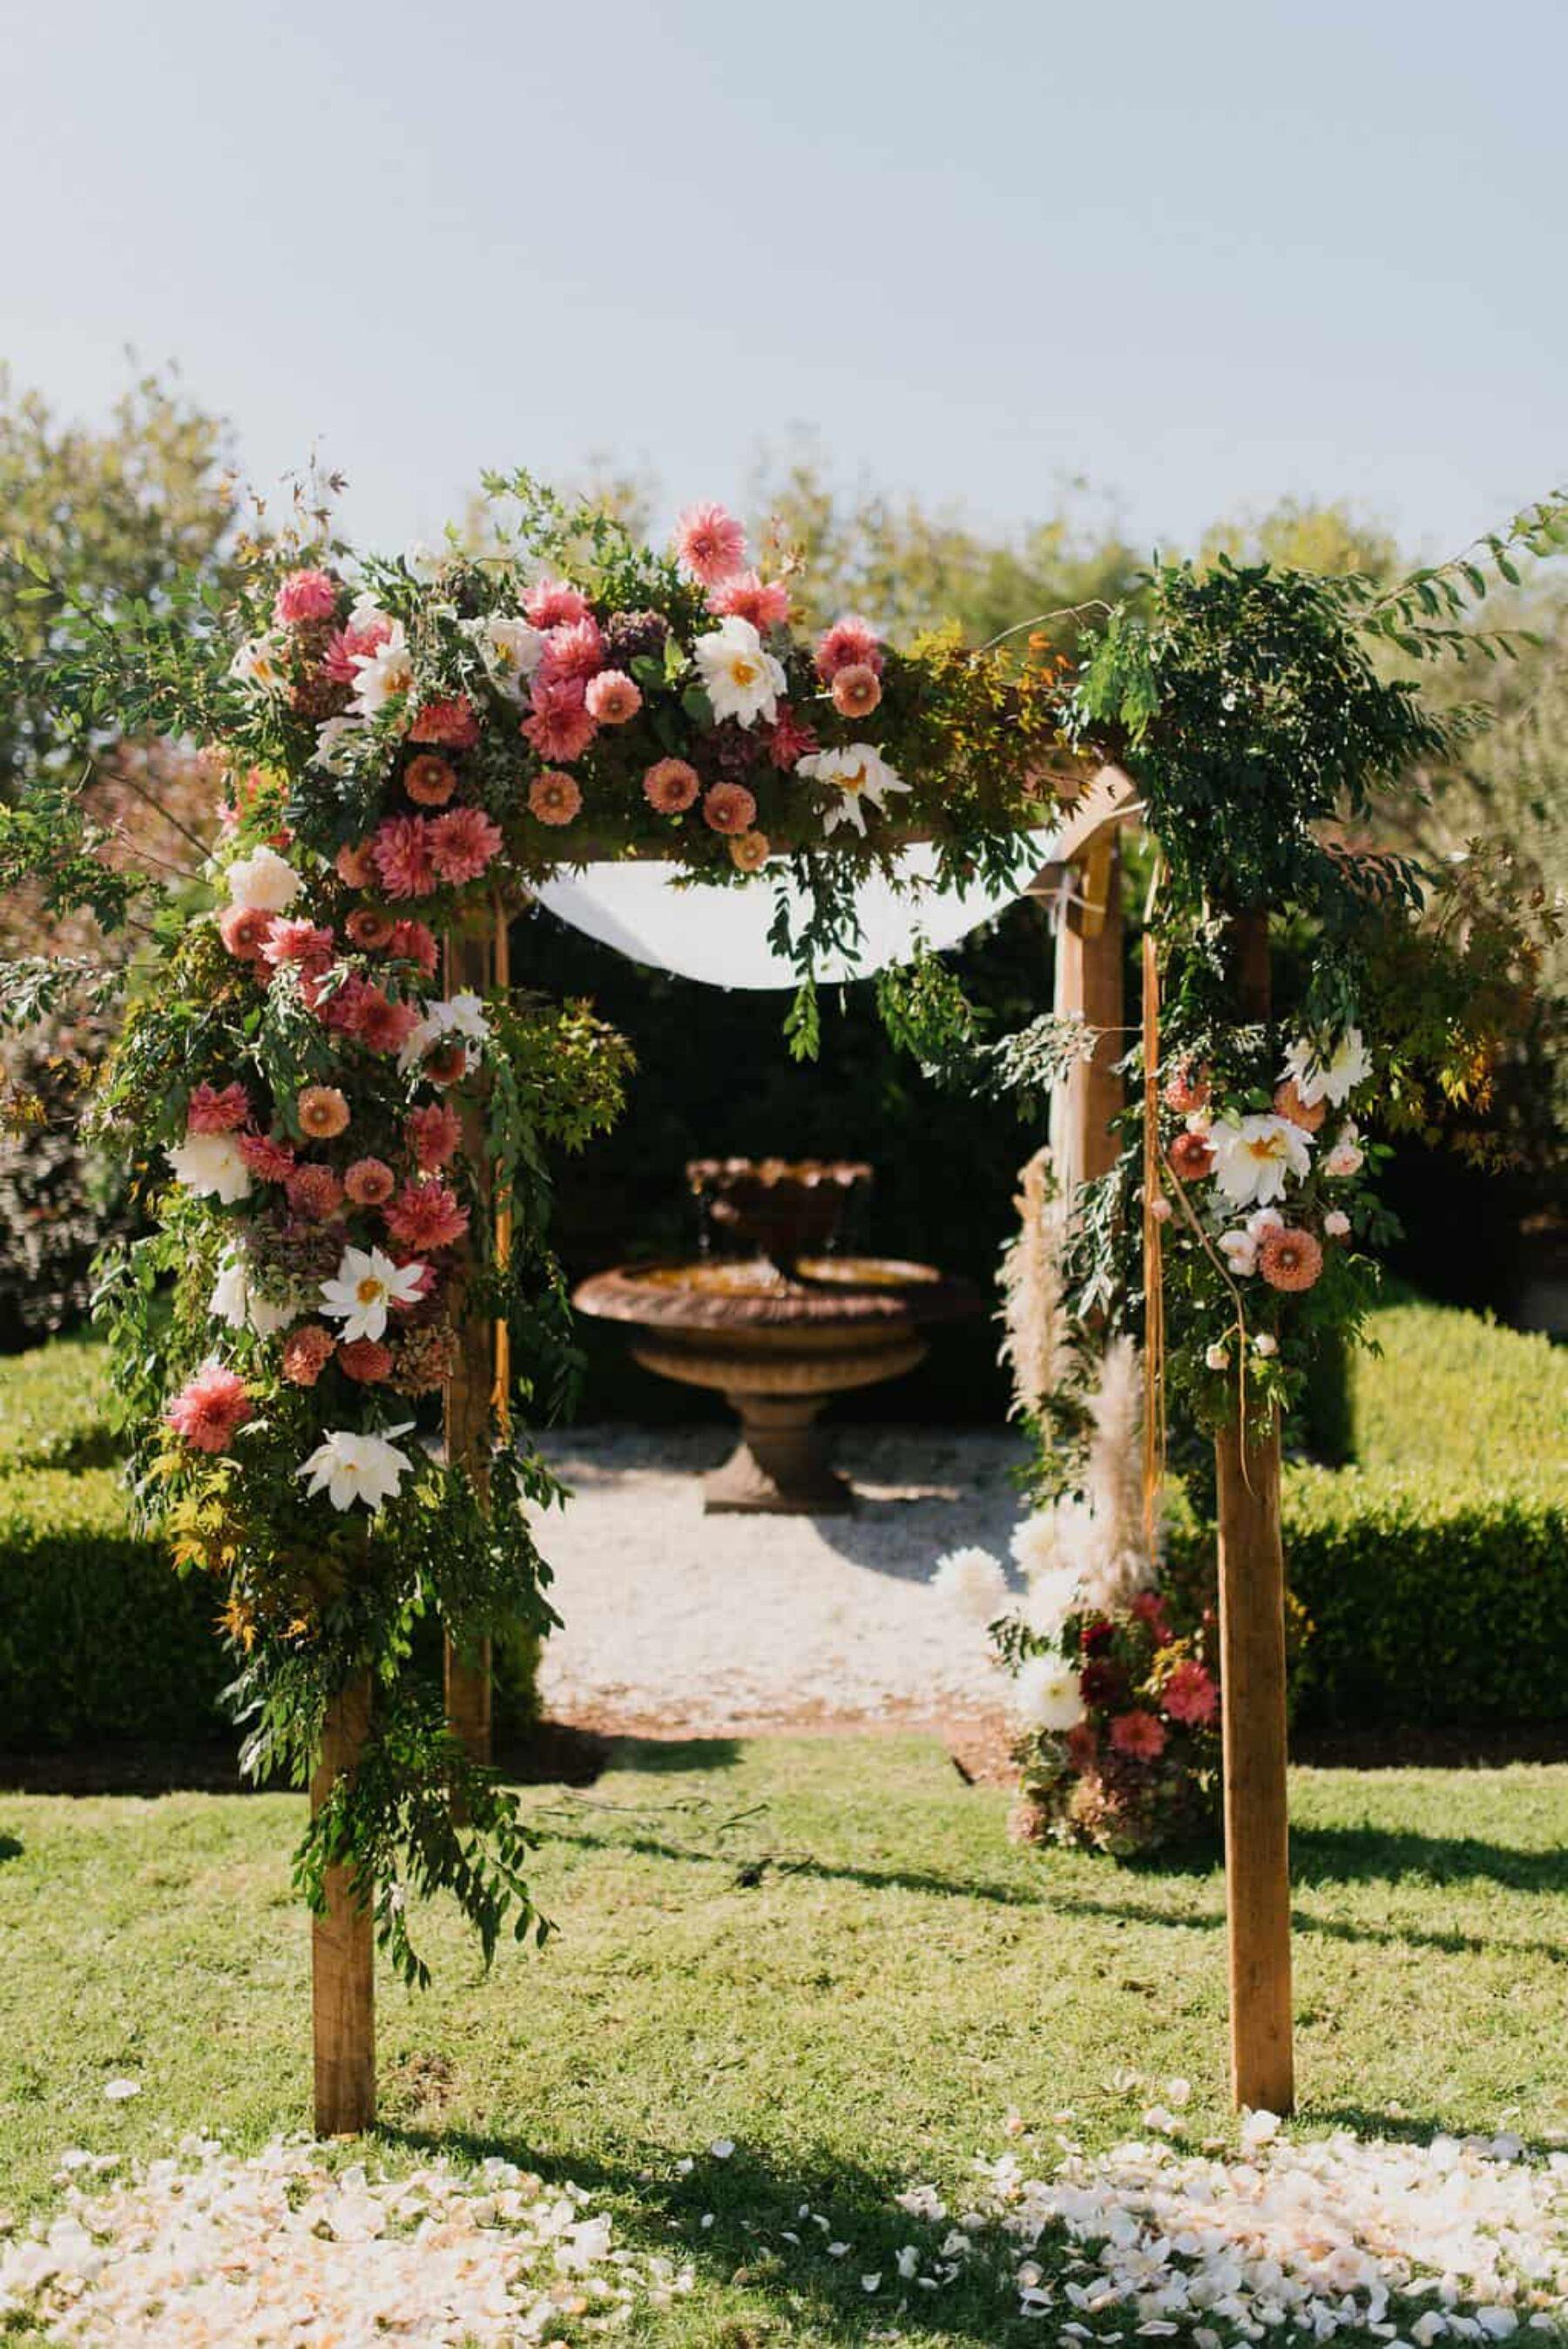 dahlia-laden wedding arch